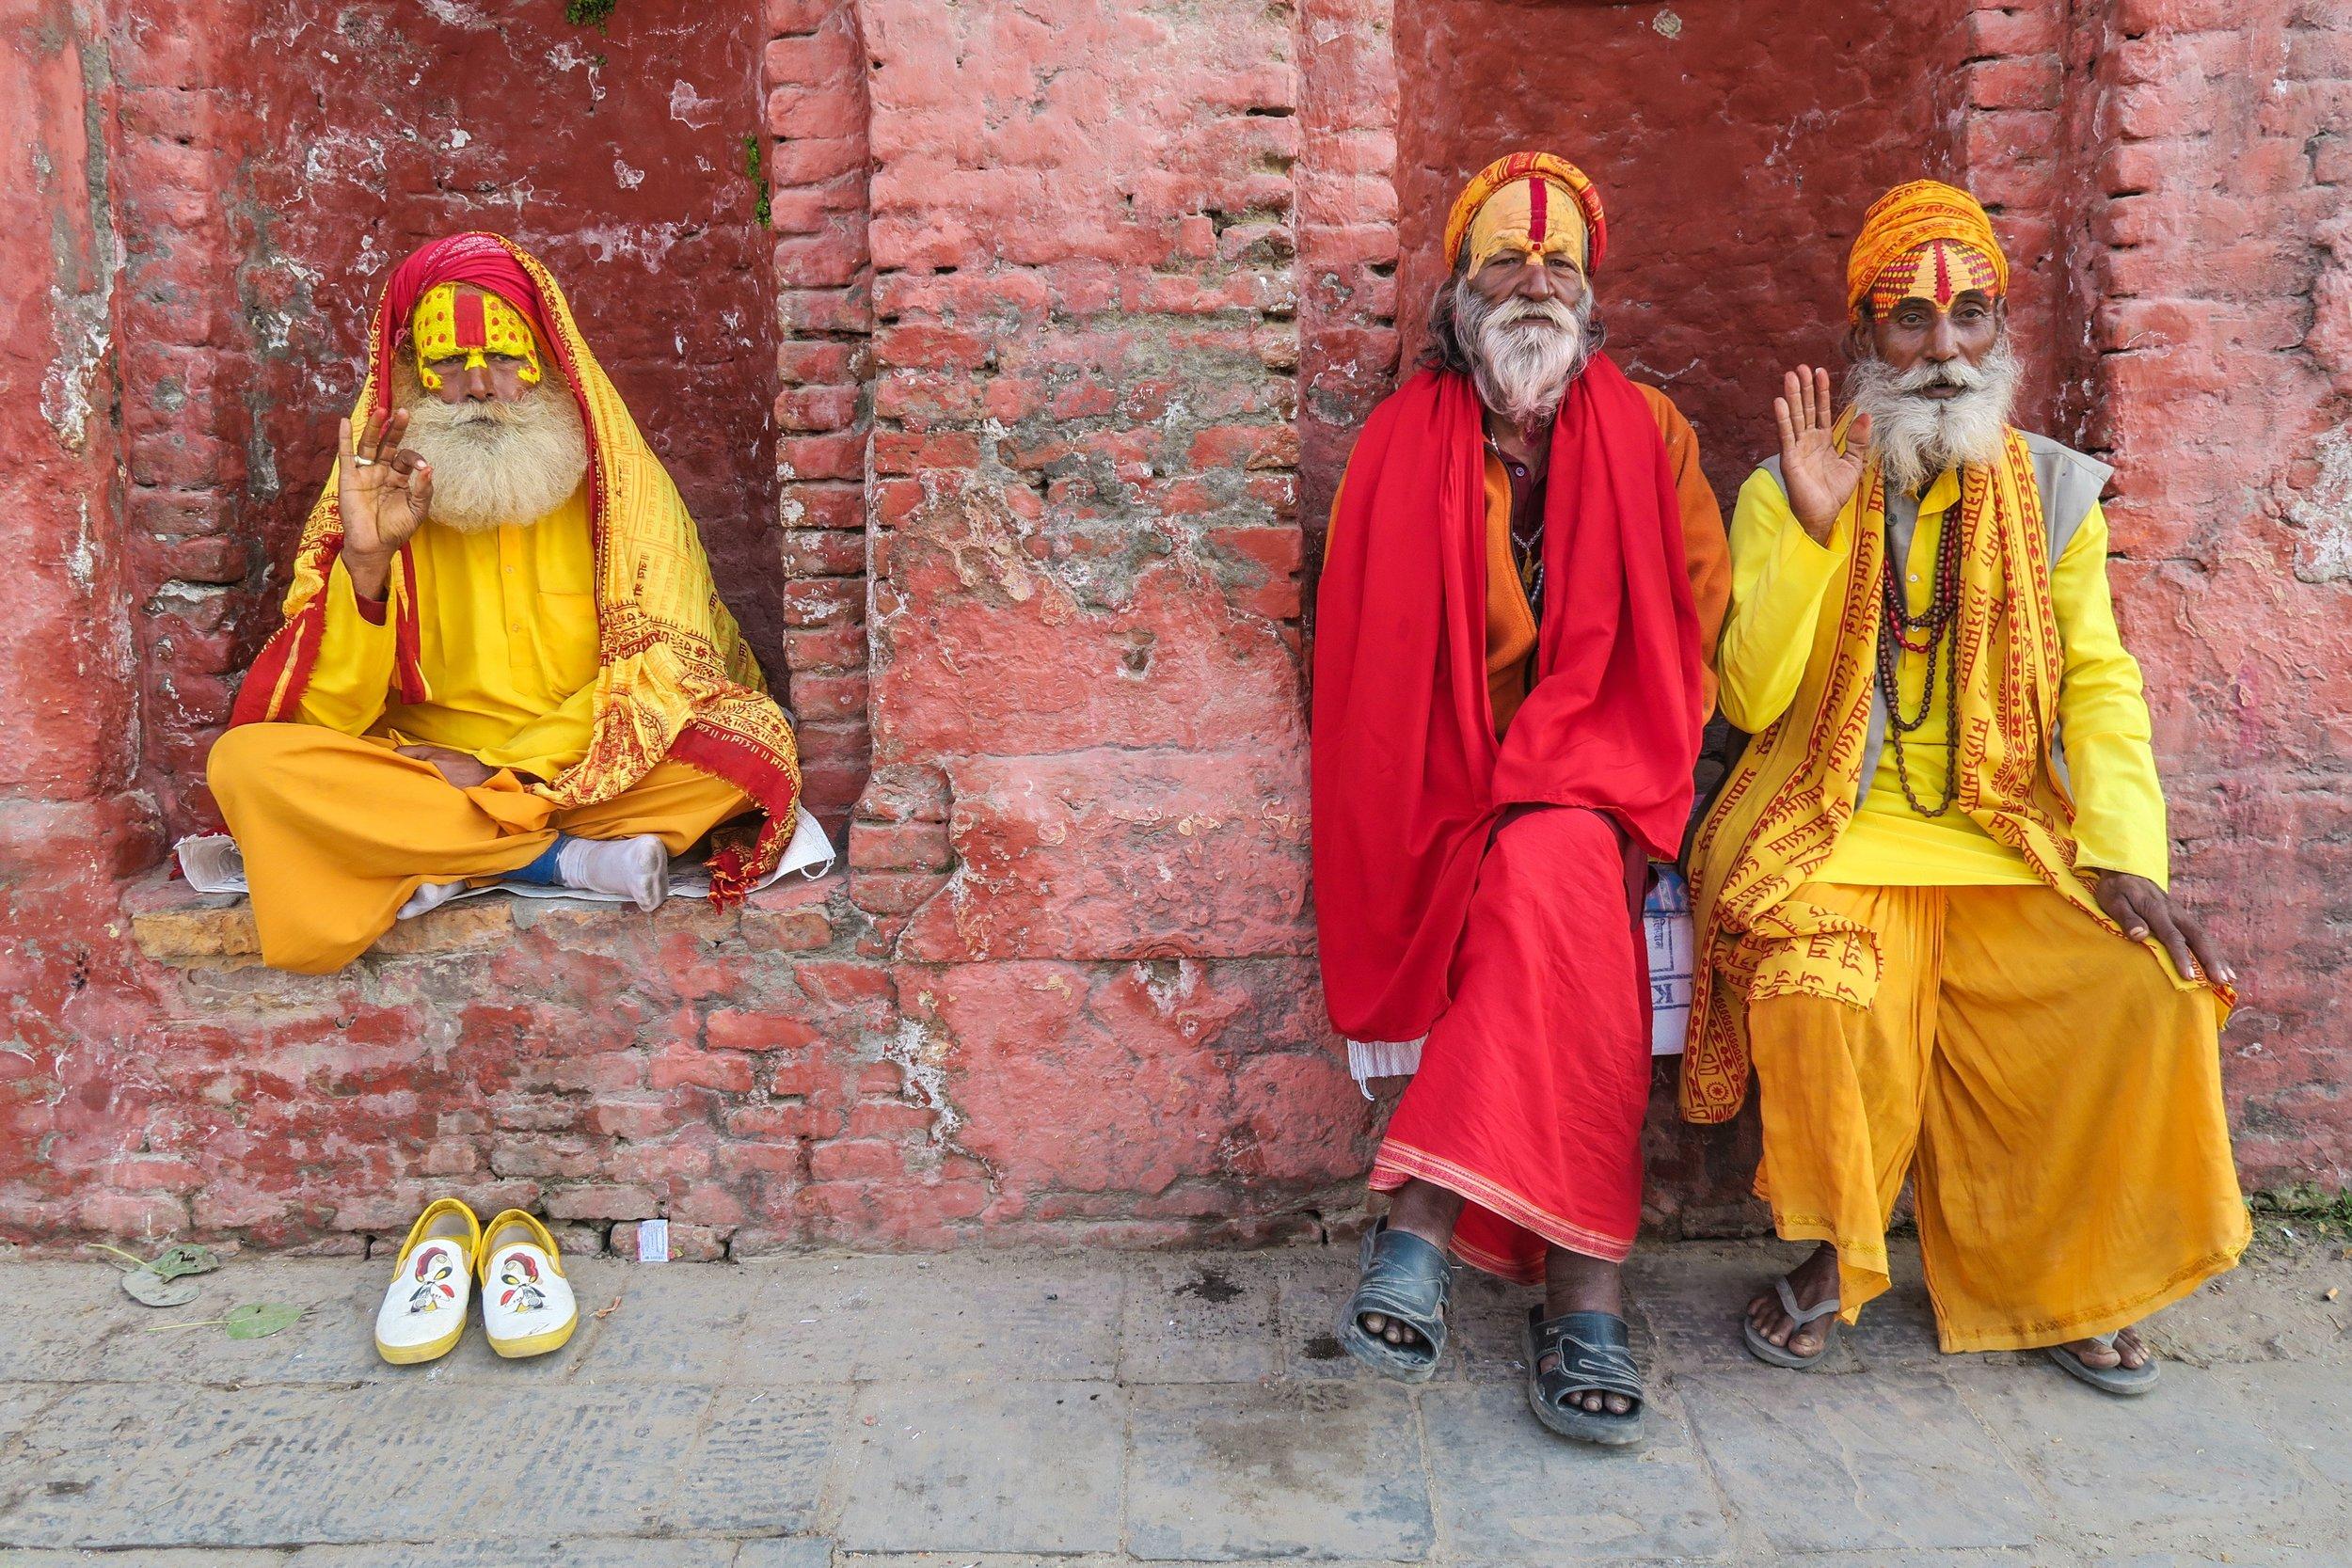 nepal_sebastian-pena-lambarri-1222538-unsplash.jpg